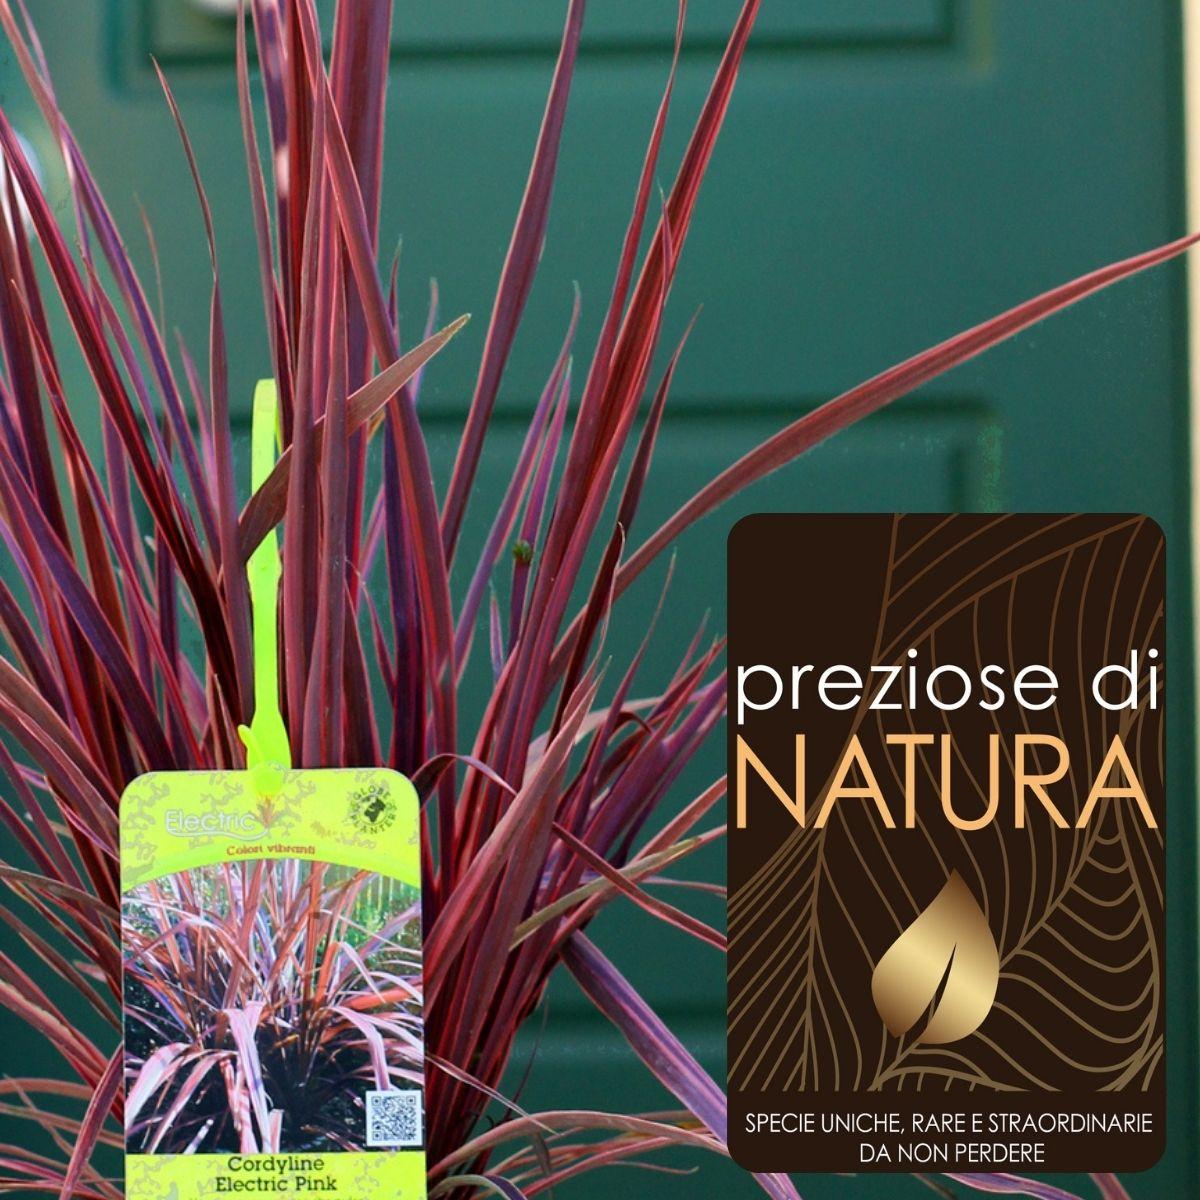 Preziose di Natura – Cordilyne Banksii Electric Pink